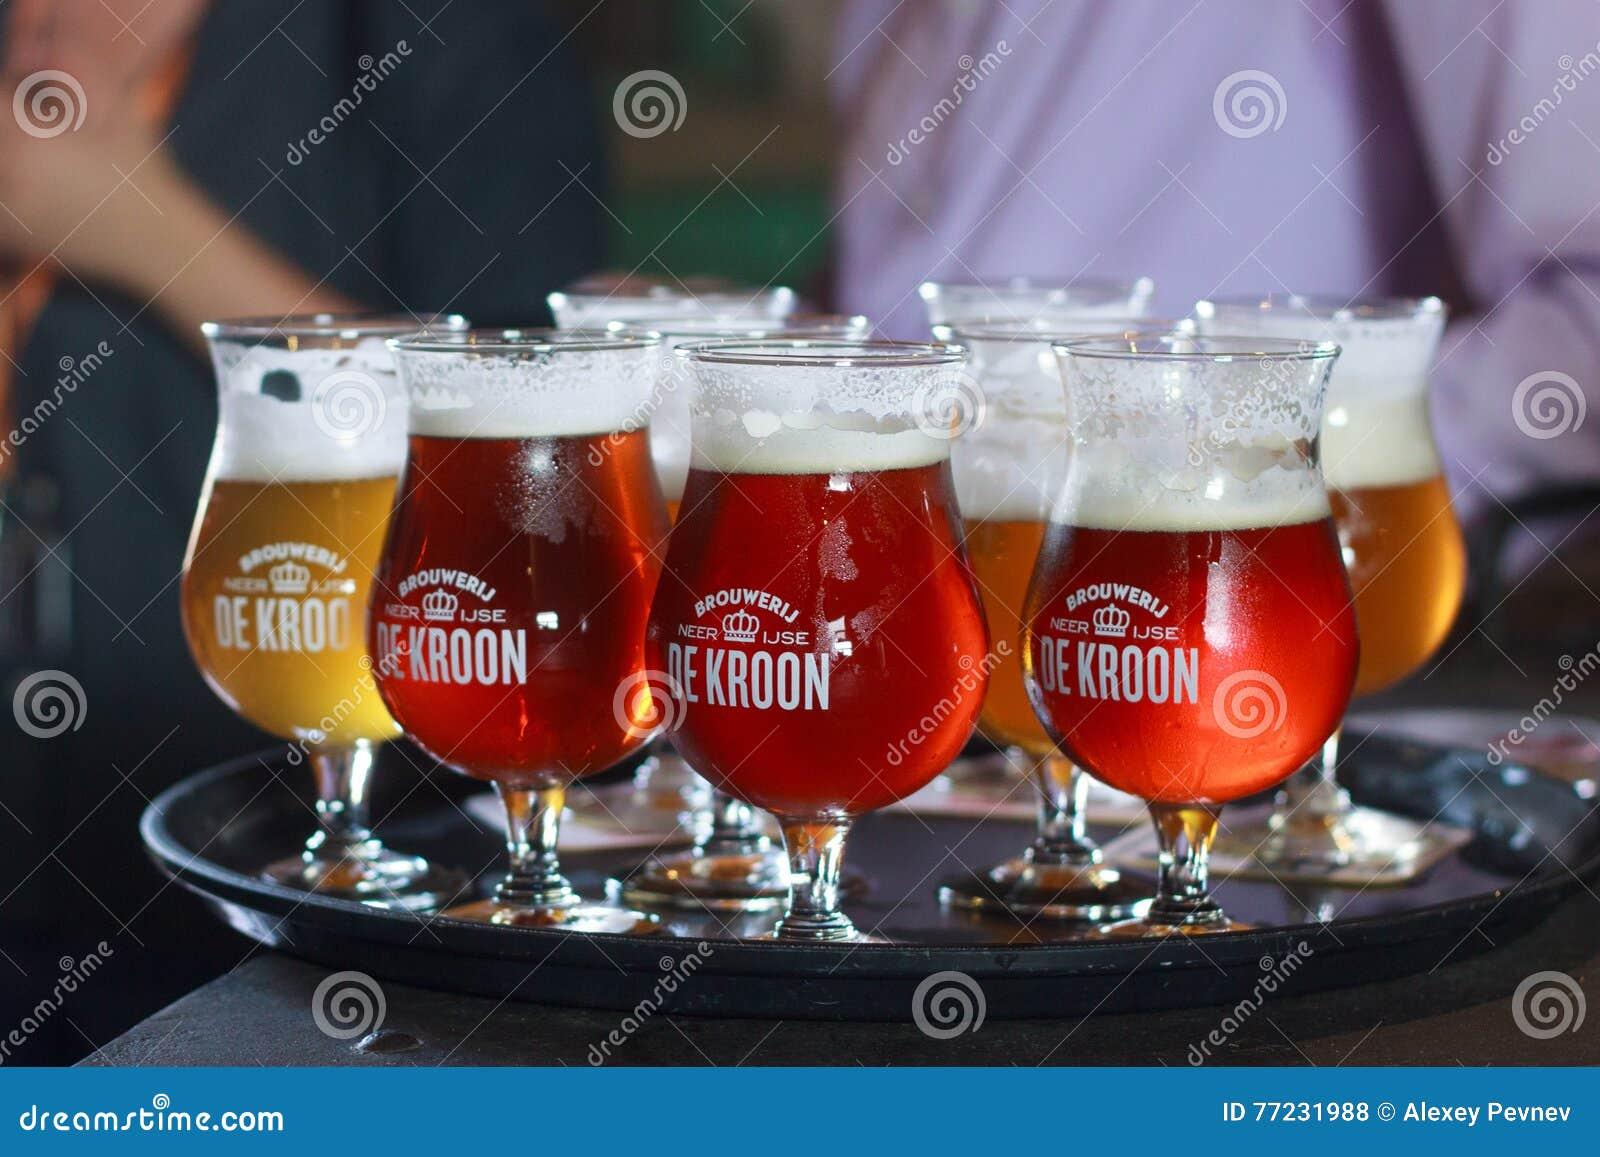 比利时;NEERIJSE - 9月05日;2014年:品尝不同的啤酒